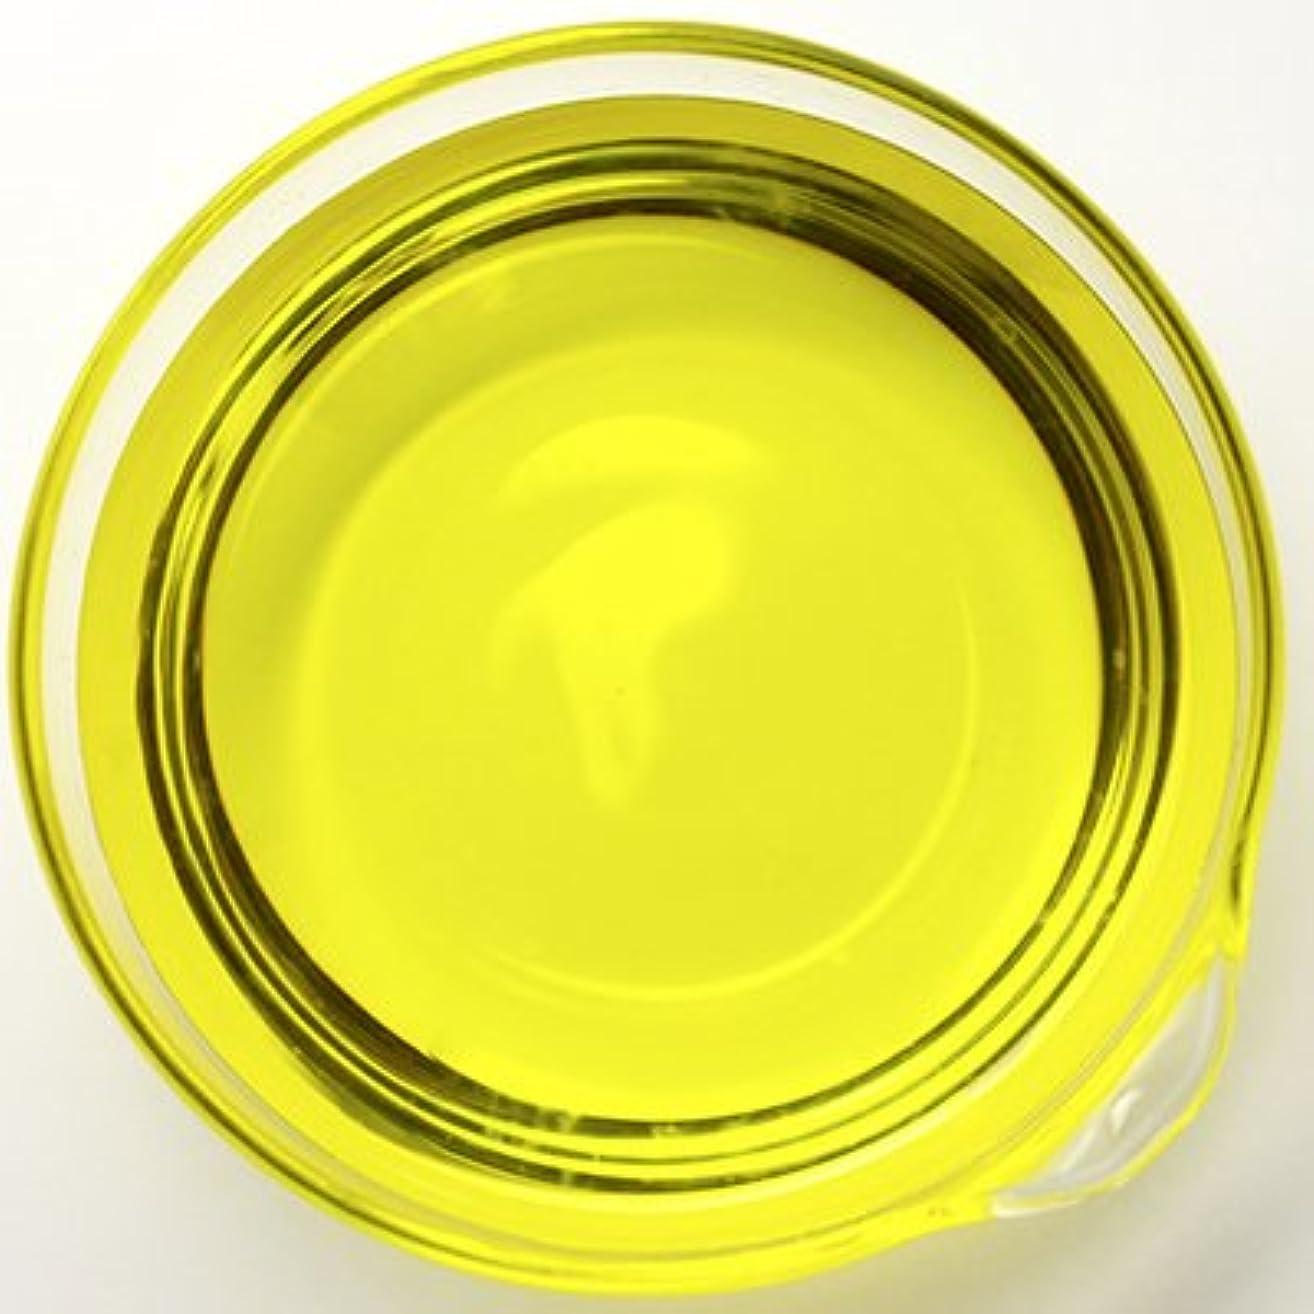 聖書圧倒する問題オーガニック ボリジオイル [ボラージオイル] 500ml 【ルリヂシャ油/手作りコスメ/美容オイル/キャリアオイル/マッサージオイル】